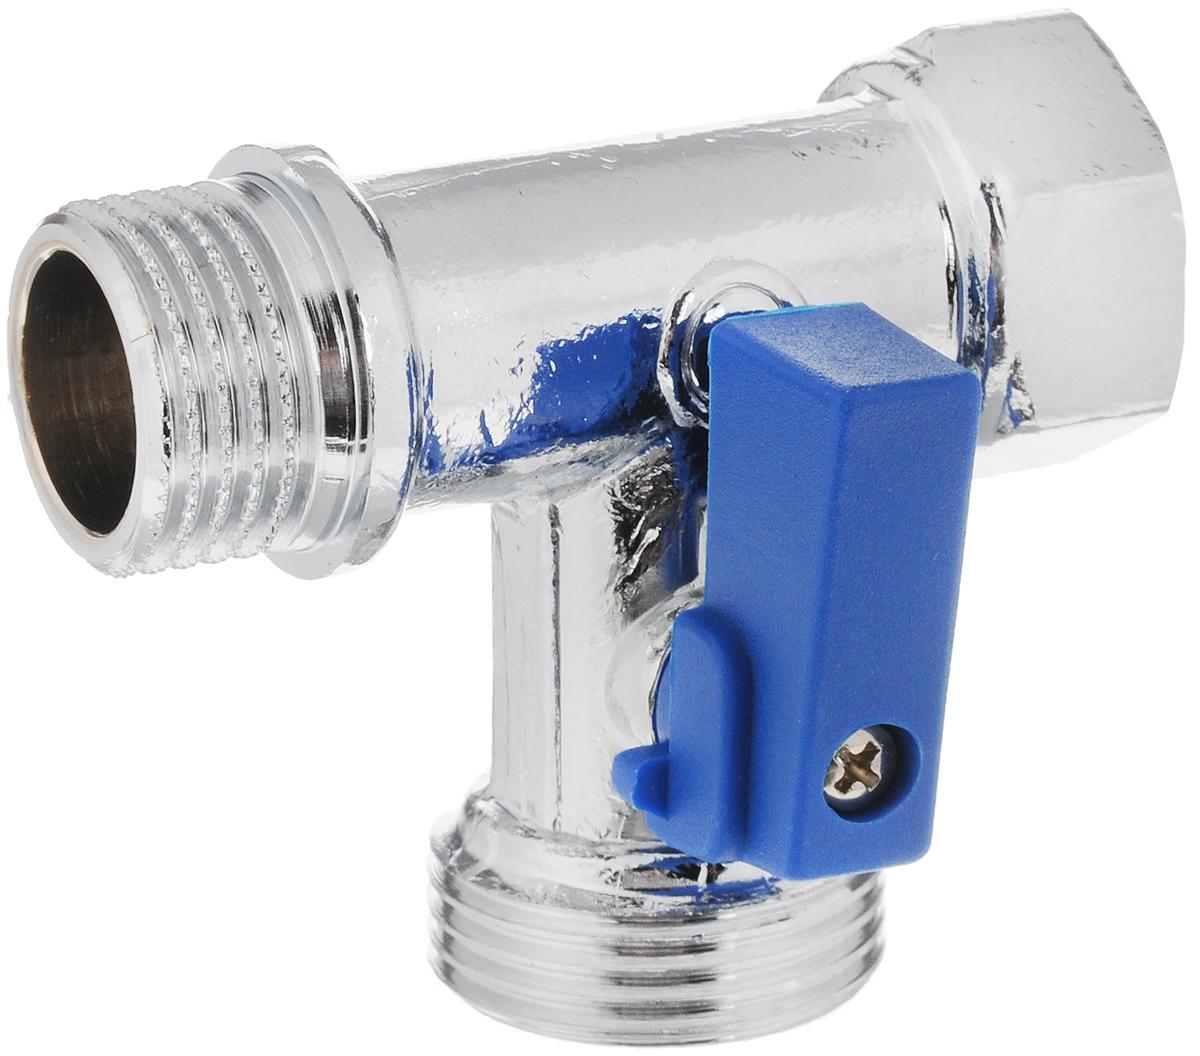 Кран шаровый Fornara, трехпроходной, г - ш - ш, 1/2 x 3/4 х 1/2BL505Шаровый трехпроходной кран Fornara предназначен для подключения стиральных и посудомоечных машин, без изменения существующей разводки водоснабжения. Может устанавливаться, например, на отводе для наполнения унитаза, или на отводе воды для кухонного смесителя, где благодаря данному крану появляется дополнительный, перекрываемый отвод для подключения стиральной или посудомоечной машины.